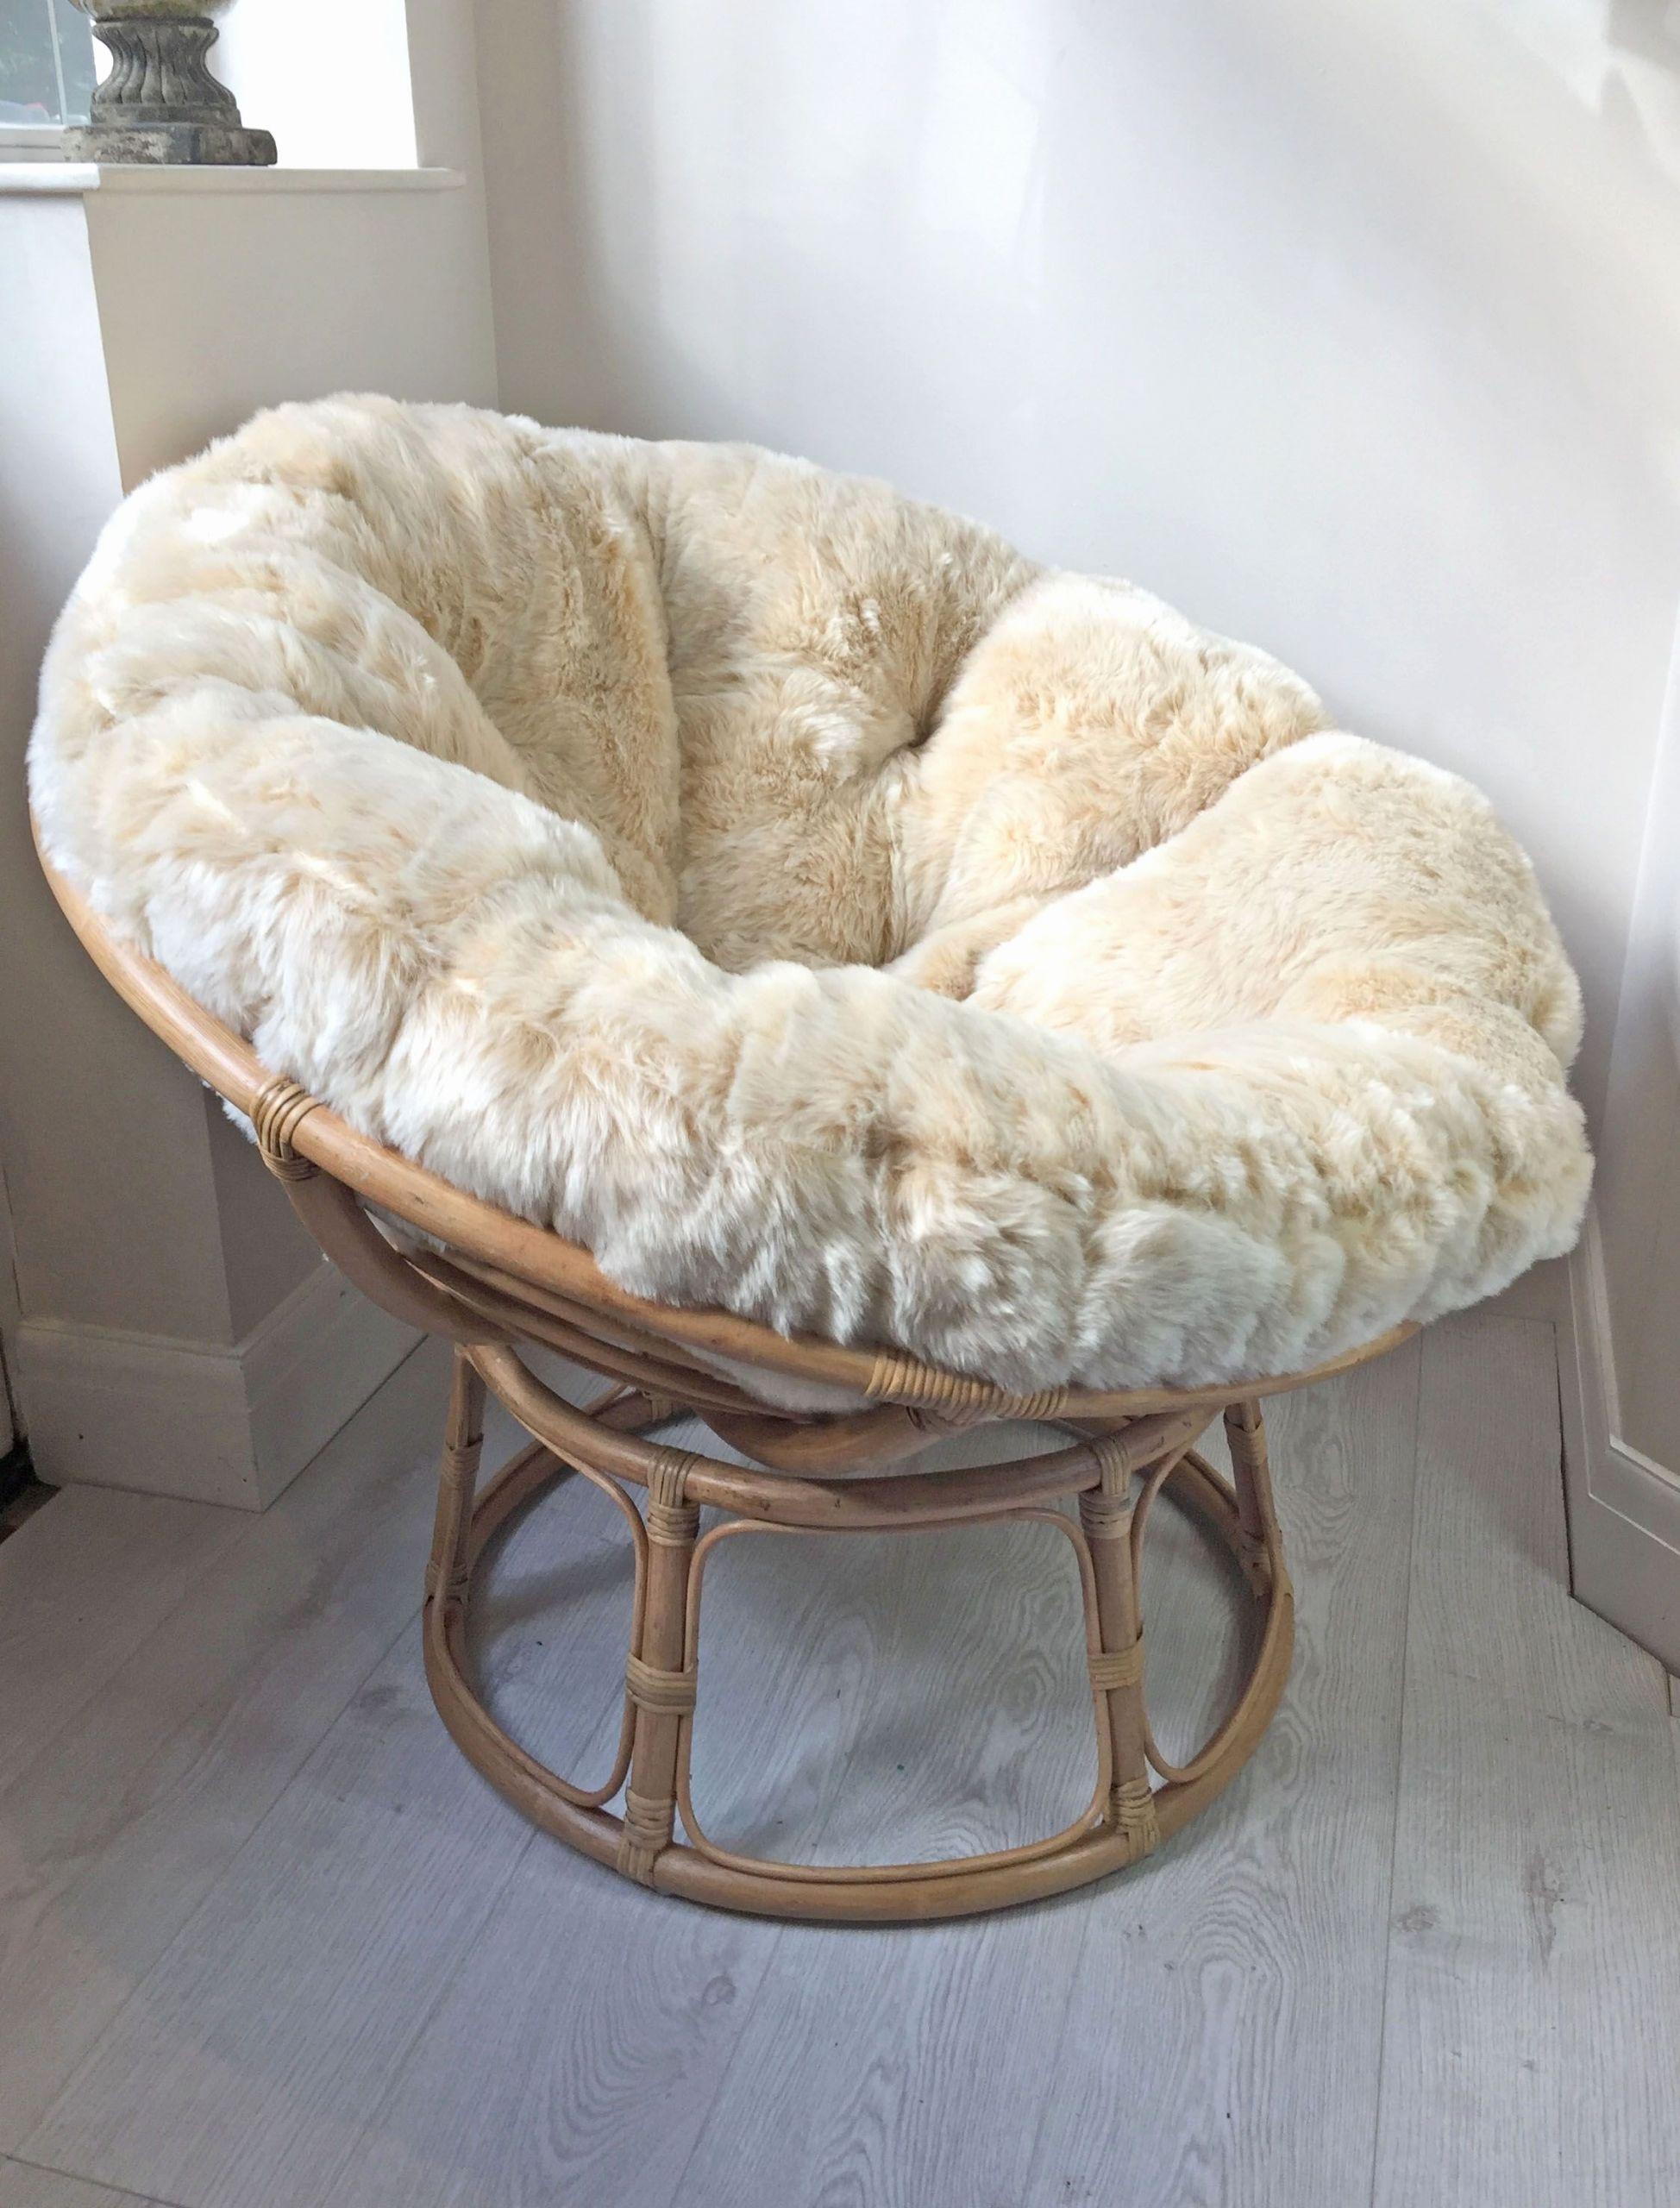 meilleur chaise de bureau elegant fauteuil luxe frais fauteuil salon 0d archives appareils de cuisine of meilleur chaise de bureau